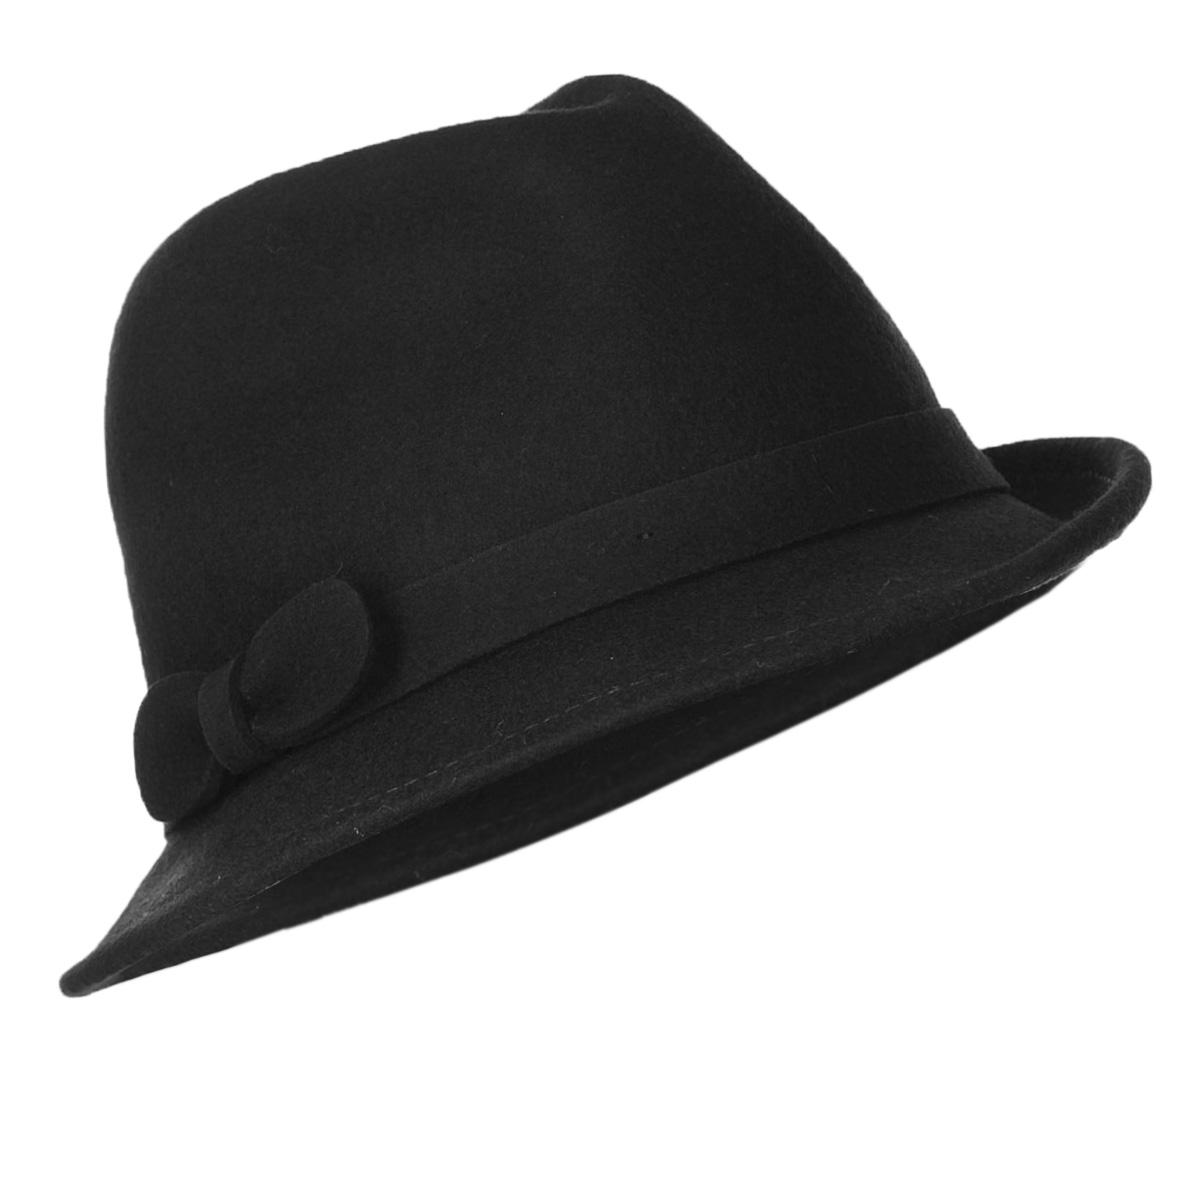 Шляпа женская Palatina3430301Элегантная шляпа Canoe Palatina, выполненная из натуральной шерсти, непременно украсит любой наряд. Шляпа оформлена тонкой лентой вокруг тульи из того же материала и декоративным бантом. Небольшие, слегка загнутые поля шляпы придадут вашему образу женственности и изящества. Внутри модели имеется вставка со скрытым шнурком, который при необходимости можно утянуть для лучшей посадки по голове. Такая шляпа подчеркнет ваш неповторимый стиль и дополнит ваш повседневный образ.